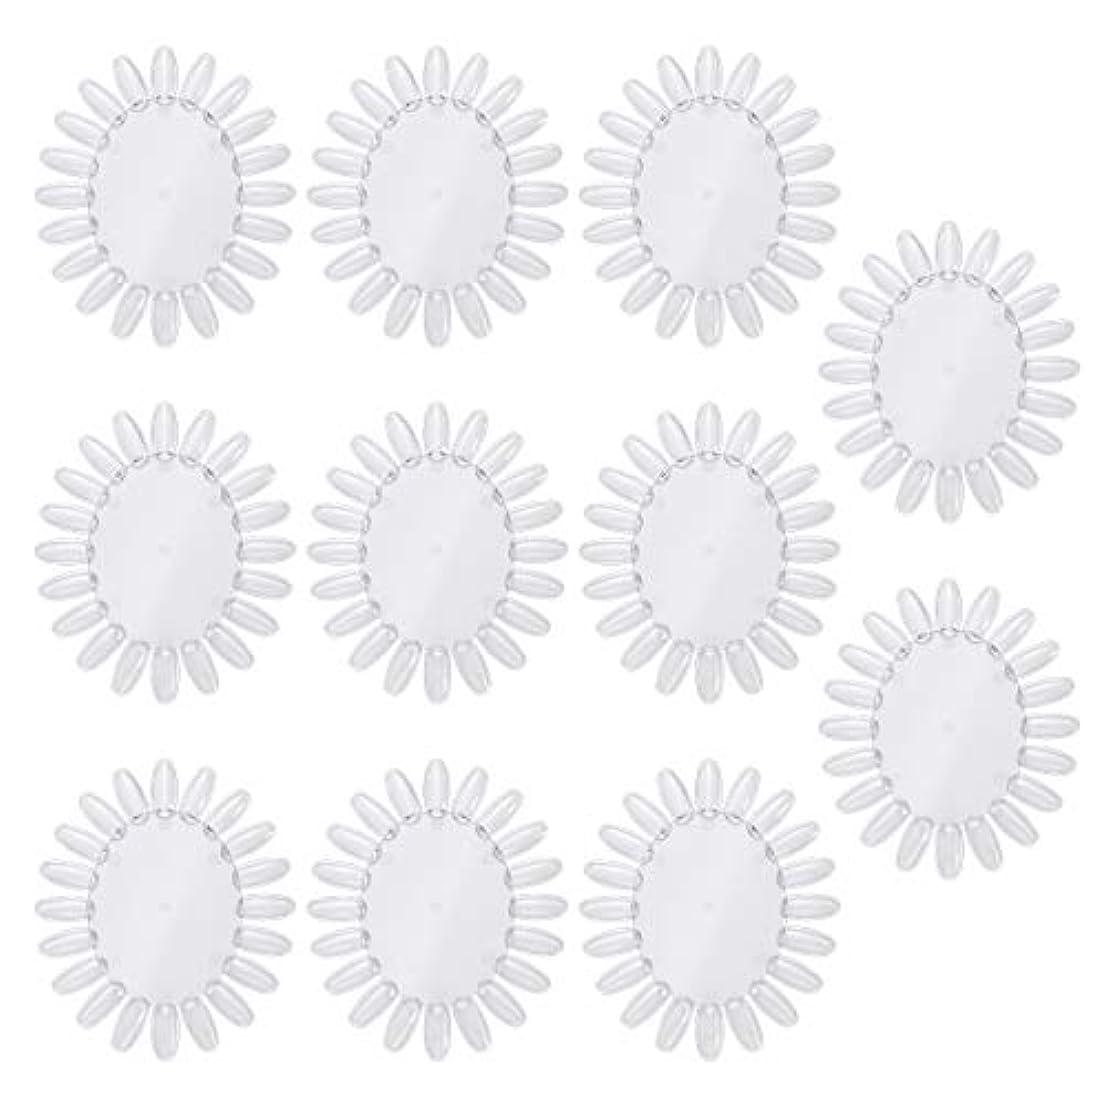 寄生虫ピッチャー釈義Frcolor 10個アクリルネイルアートプラクティスホイールポリッシュカラーディスプレイチャートネイルカラーパレット(透明)